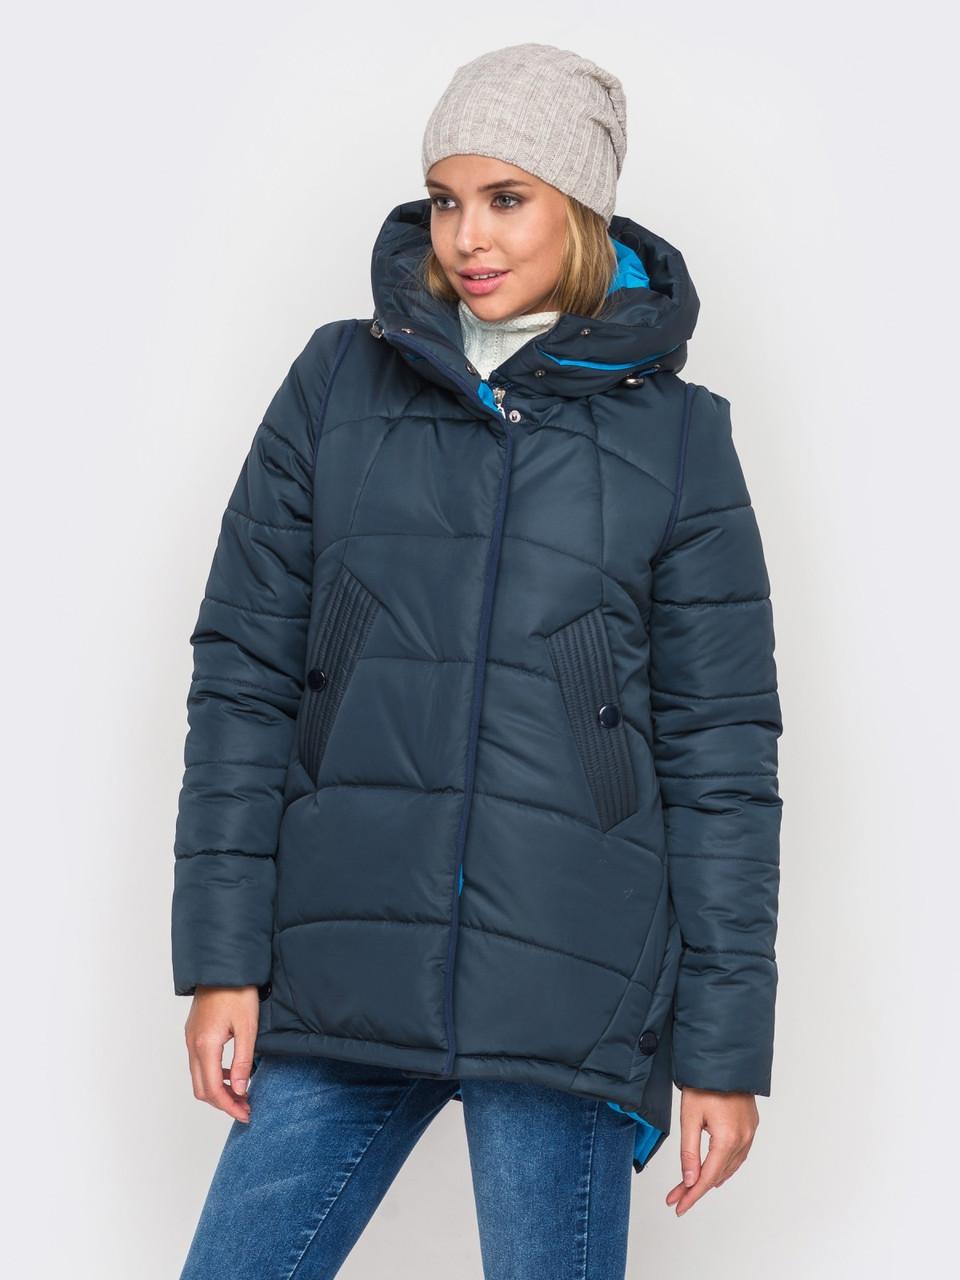 Зимняя женская куртка утепленная Мерседес-1 на силиконе